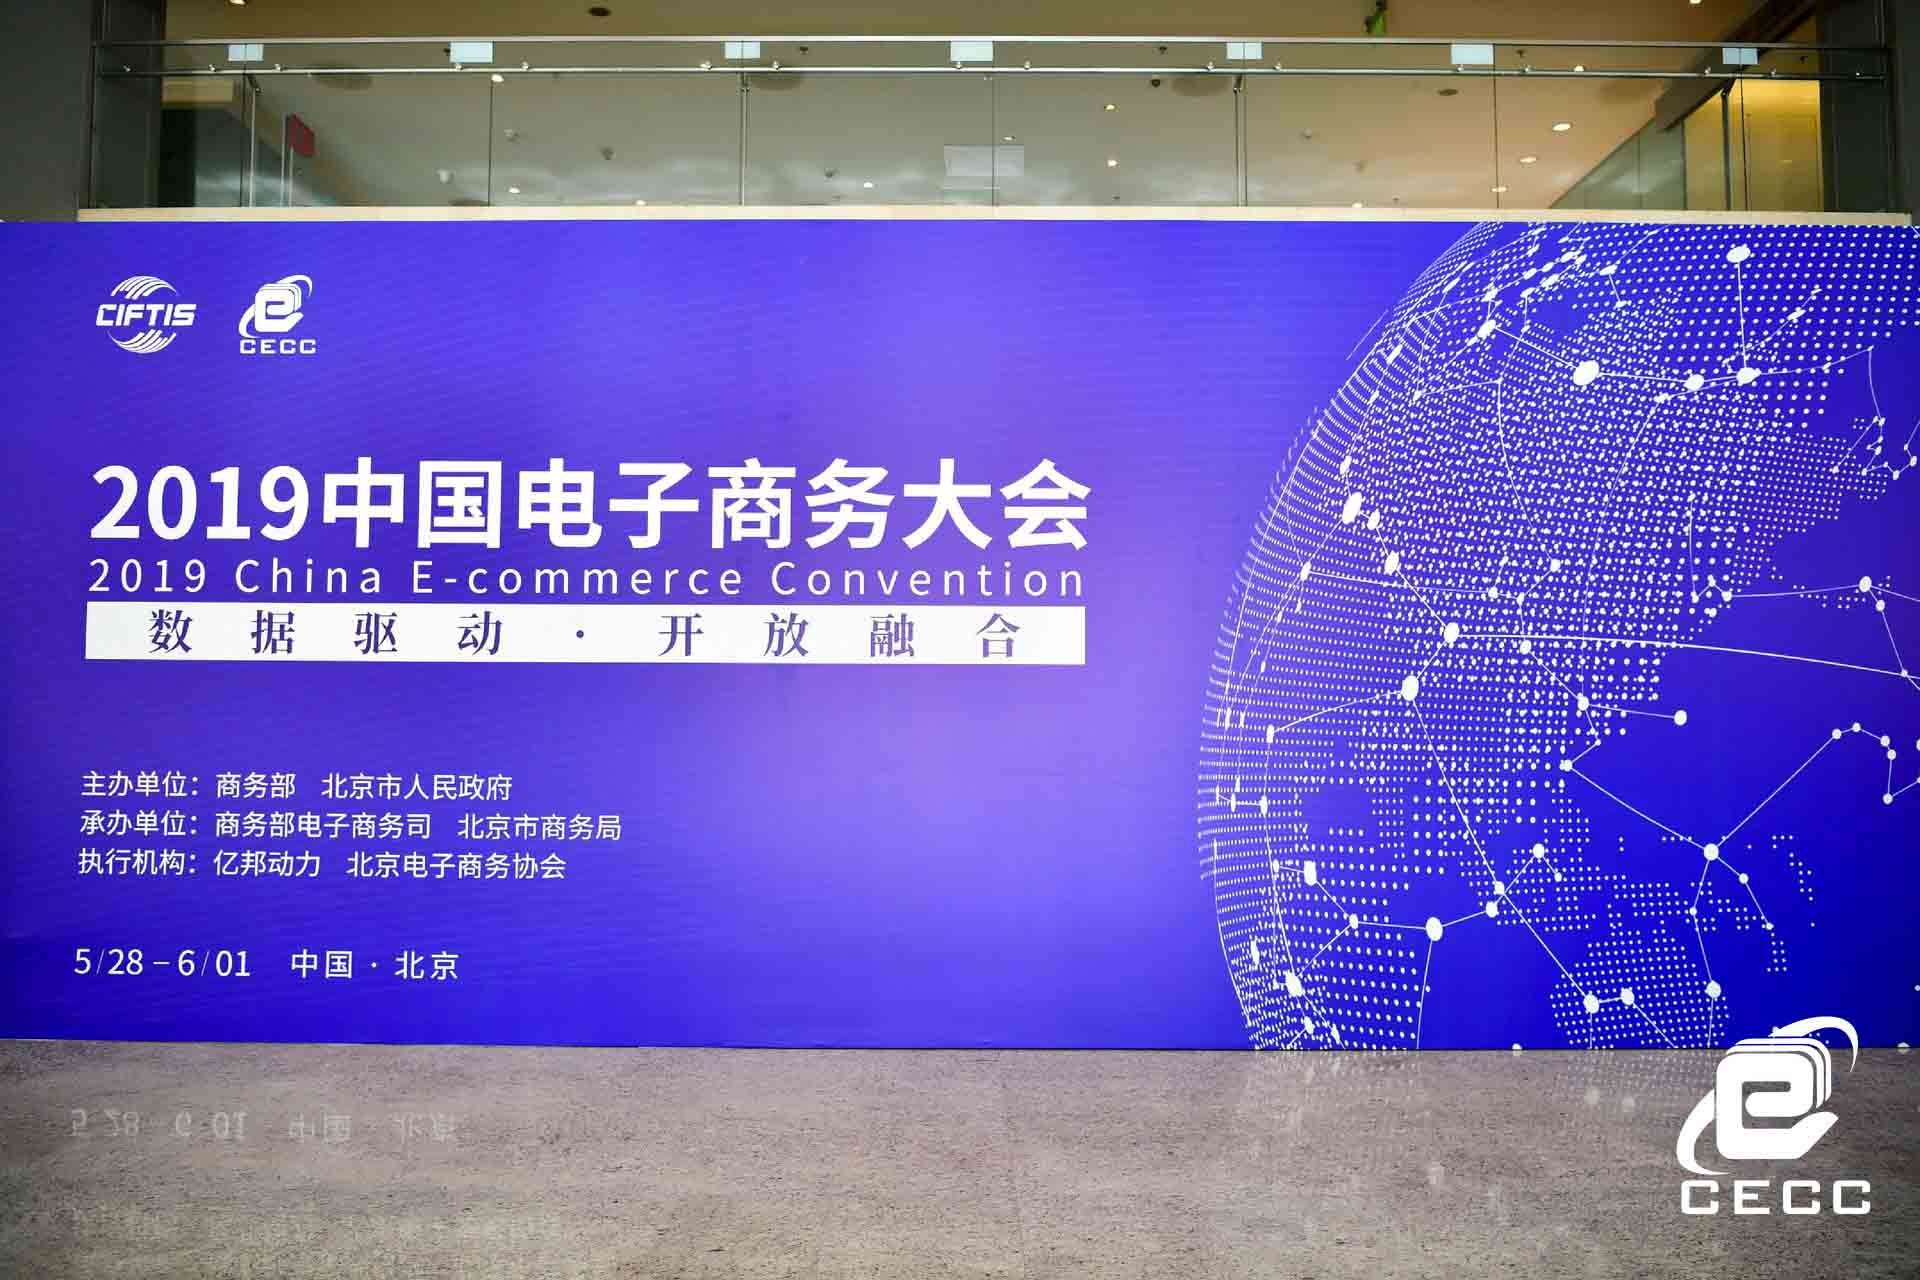 2019电子商务大会